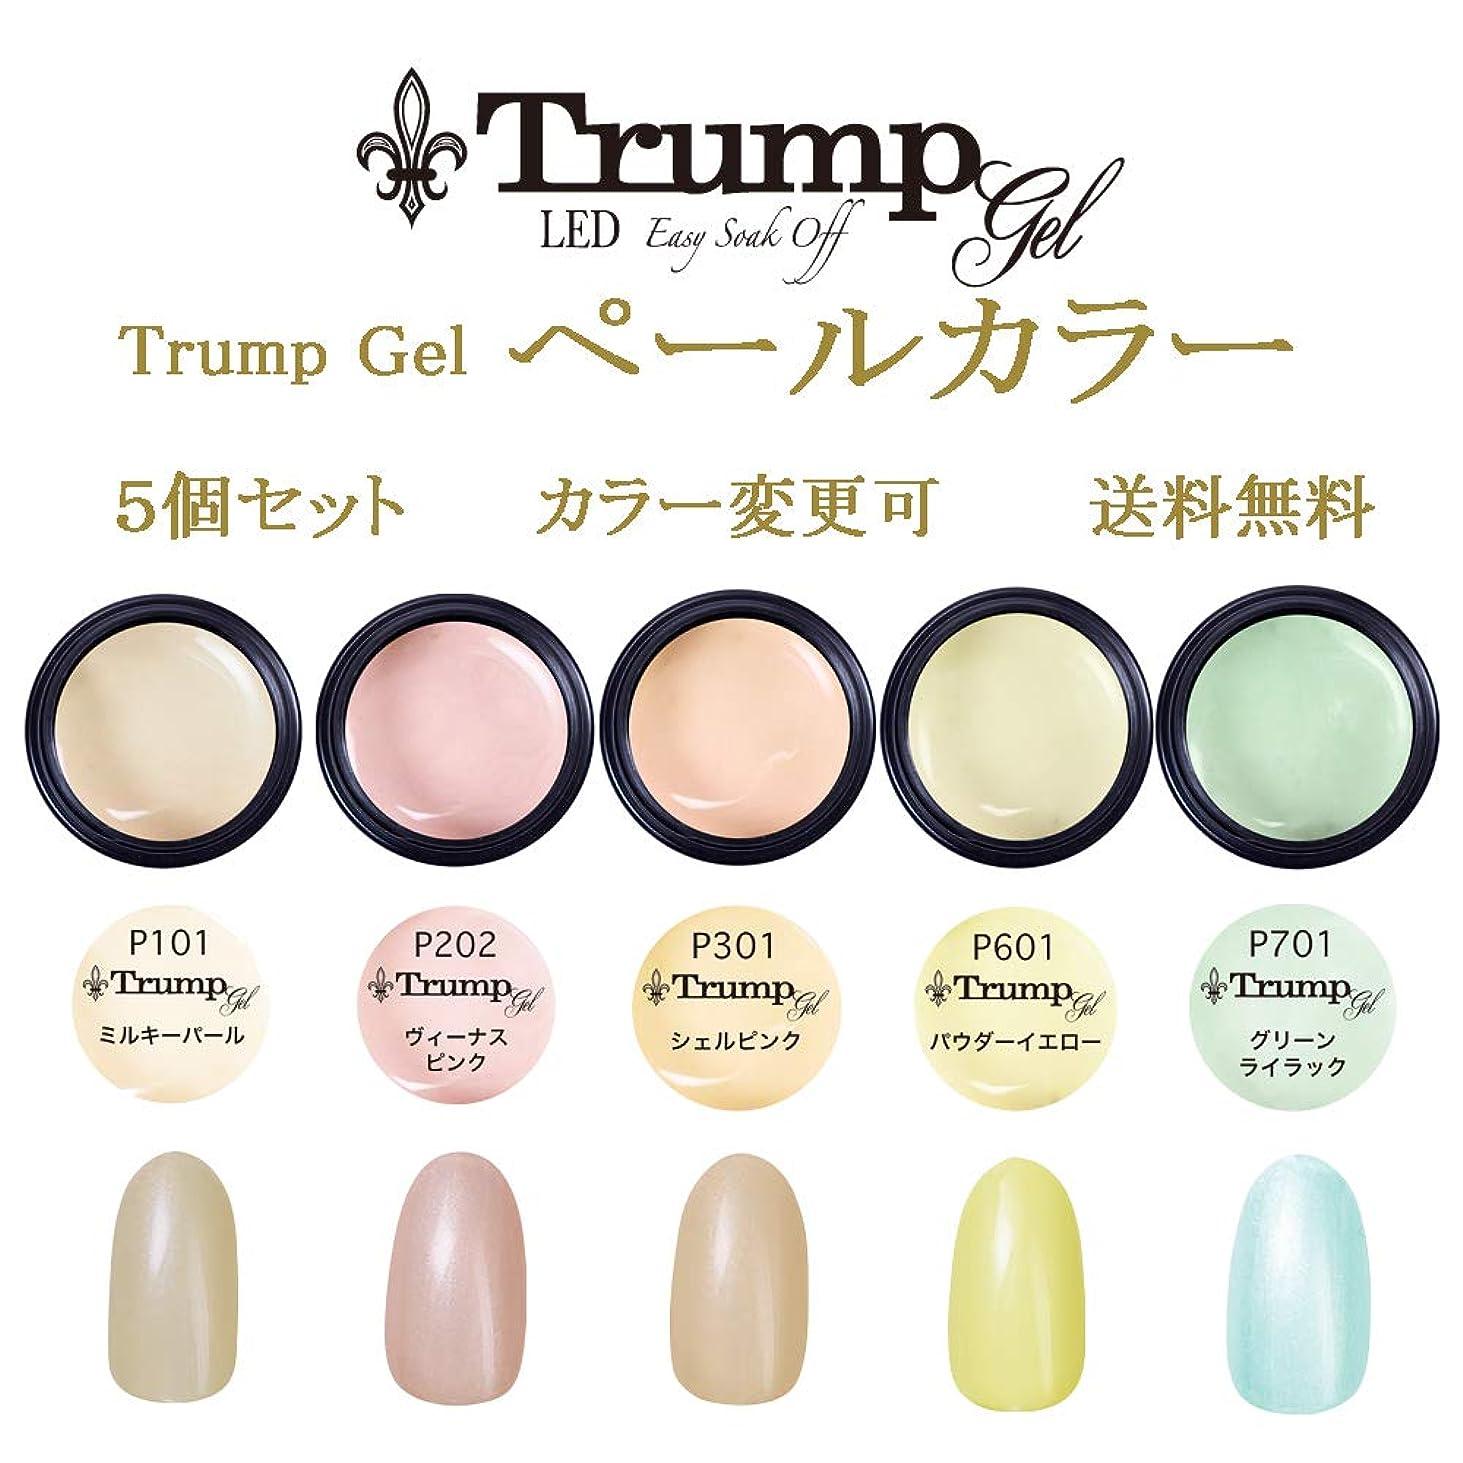 変換残基ログ日本製 Trump gel トランプジェル ペールカラー 選べる カラージェル 5個セット パール イエロー ベージュ ピンク ブルー